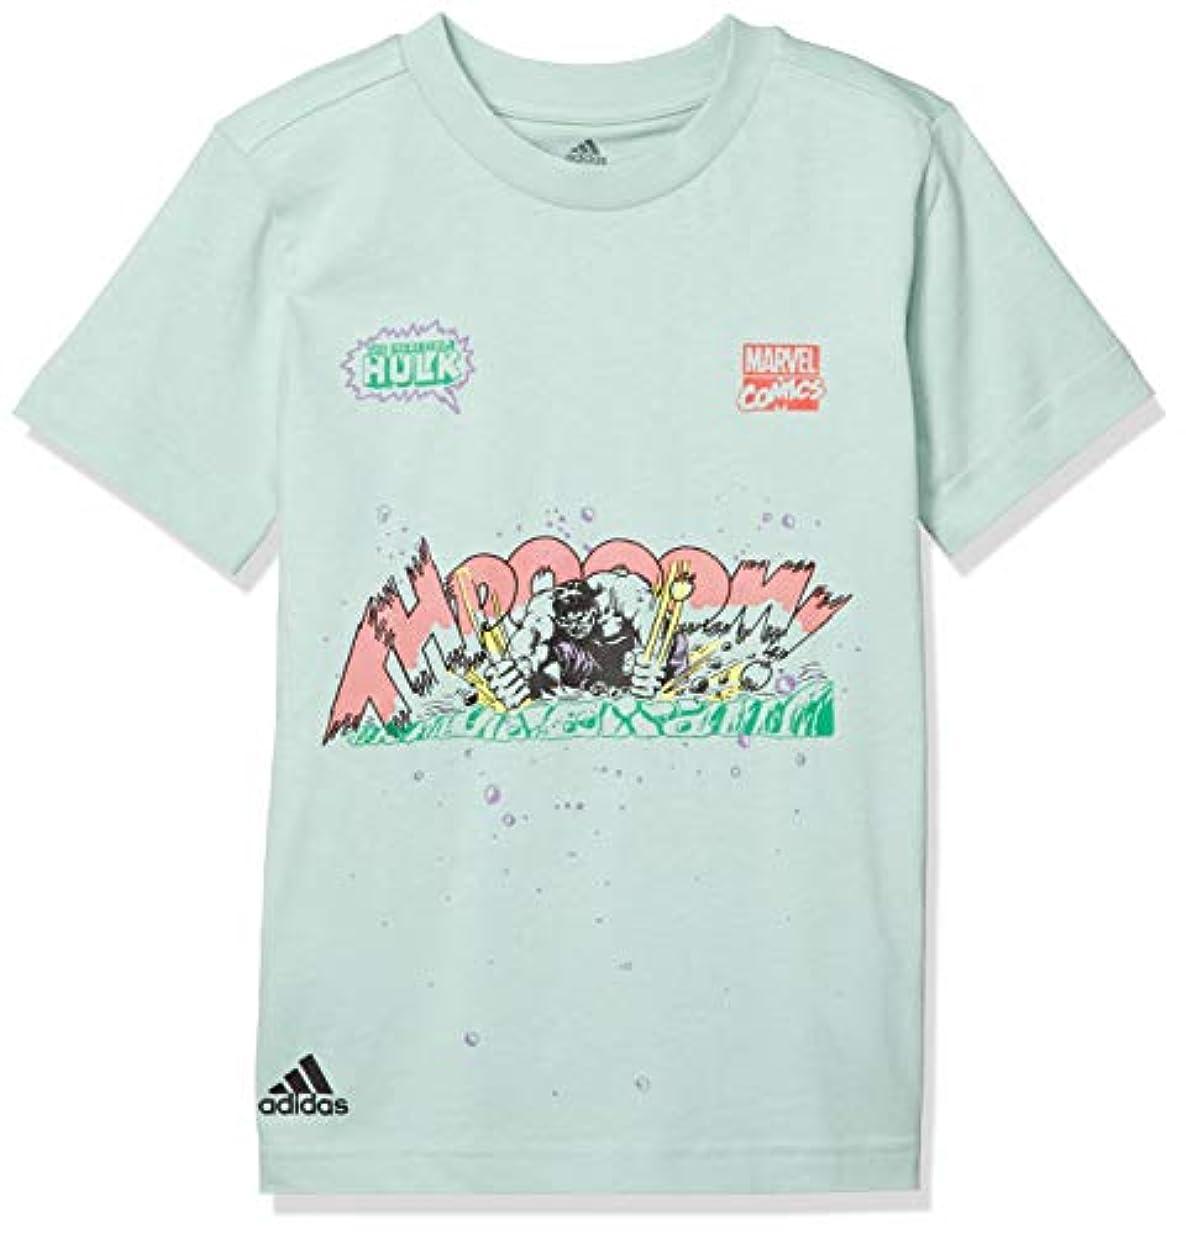 まだら工業用デコレーション[アディダス] 半袖 Tシャツ キッズ マーベル ハルク グラフィック 半袖Tシャツ GUW19